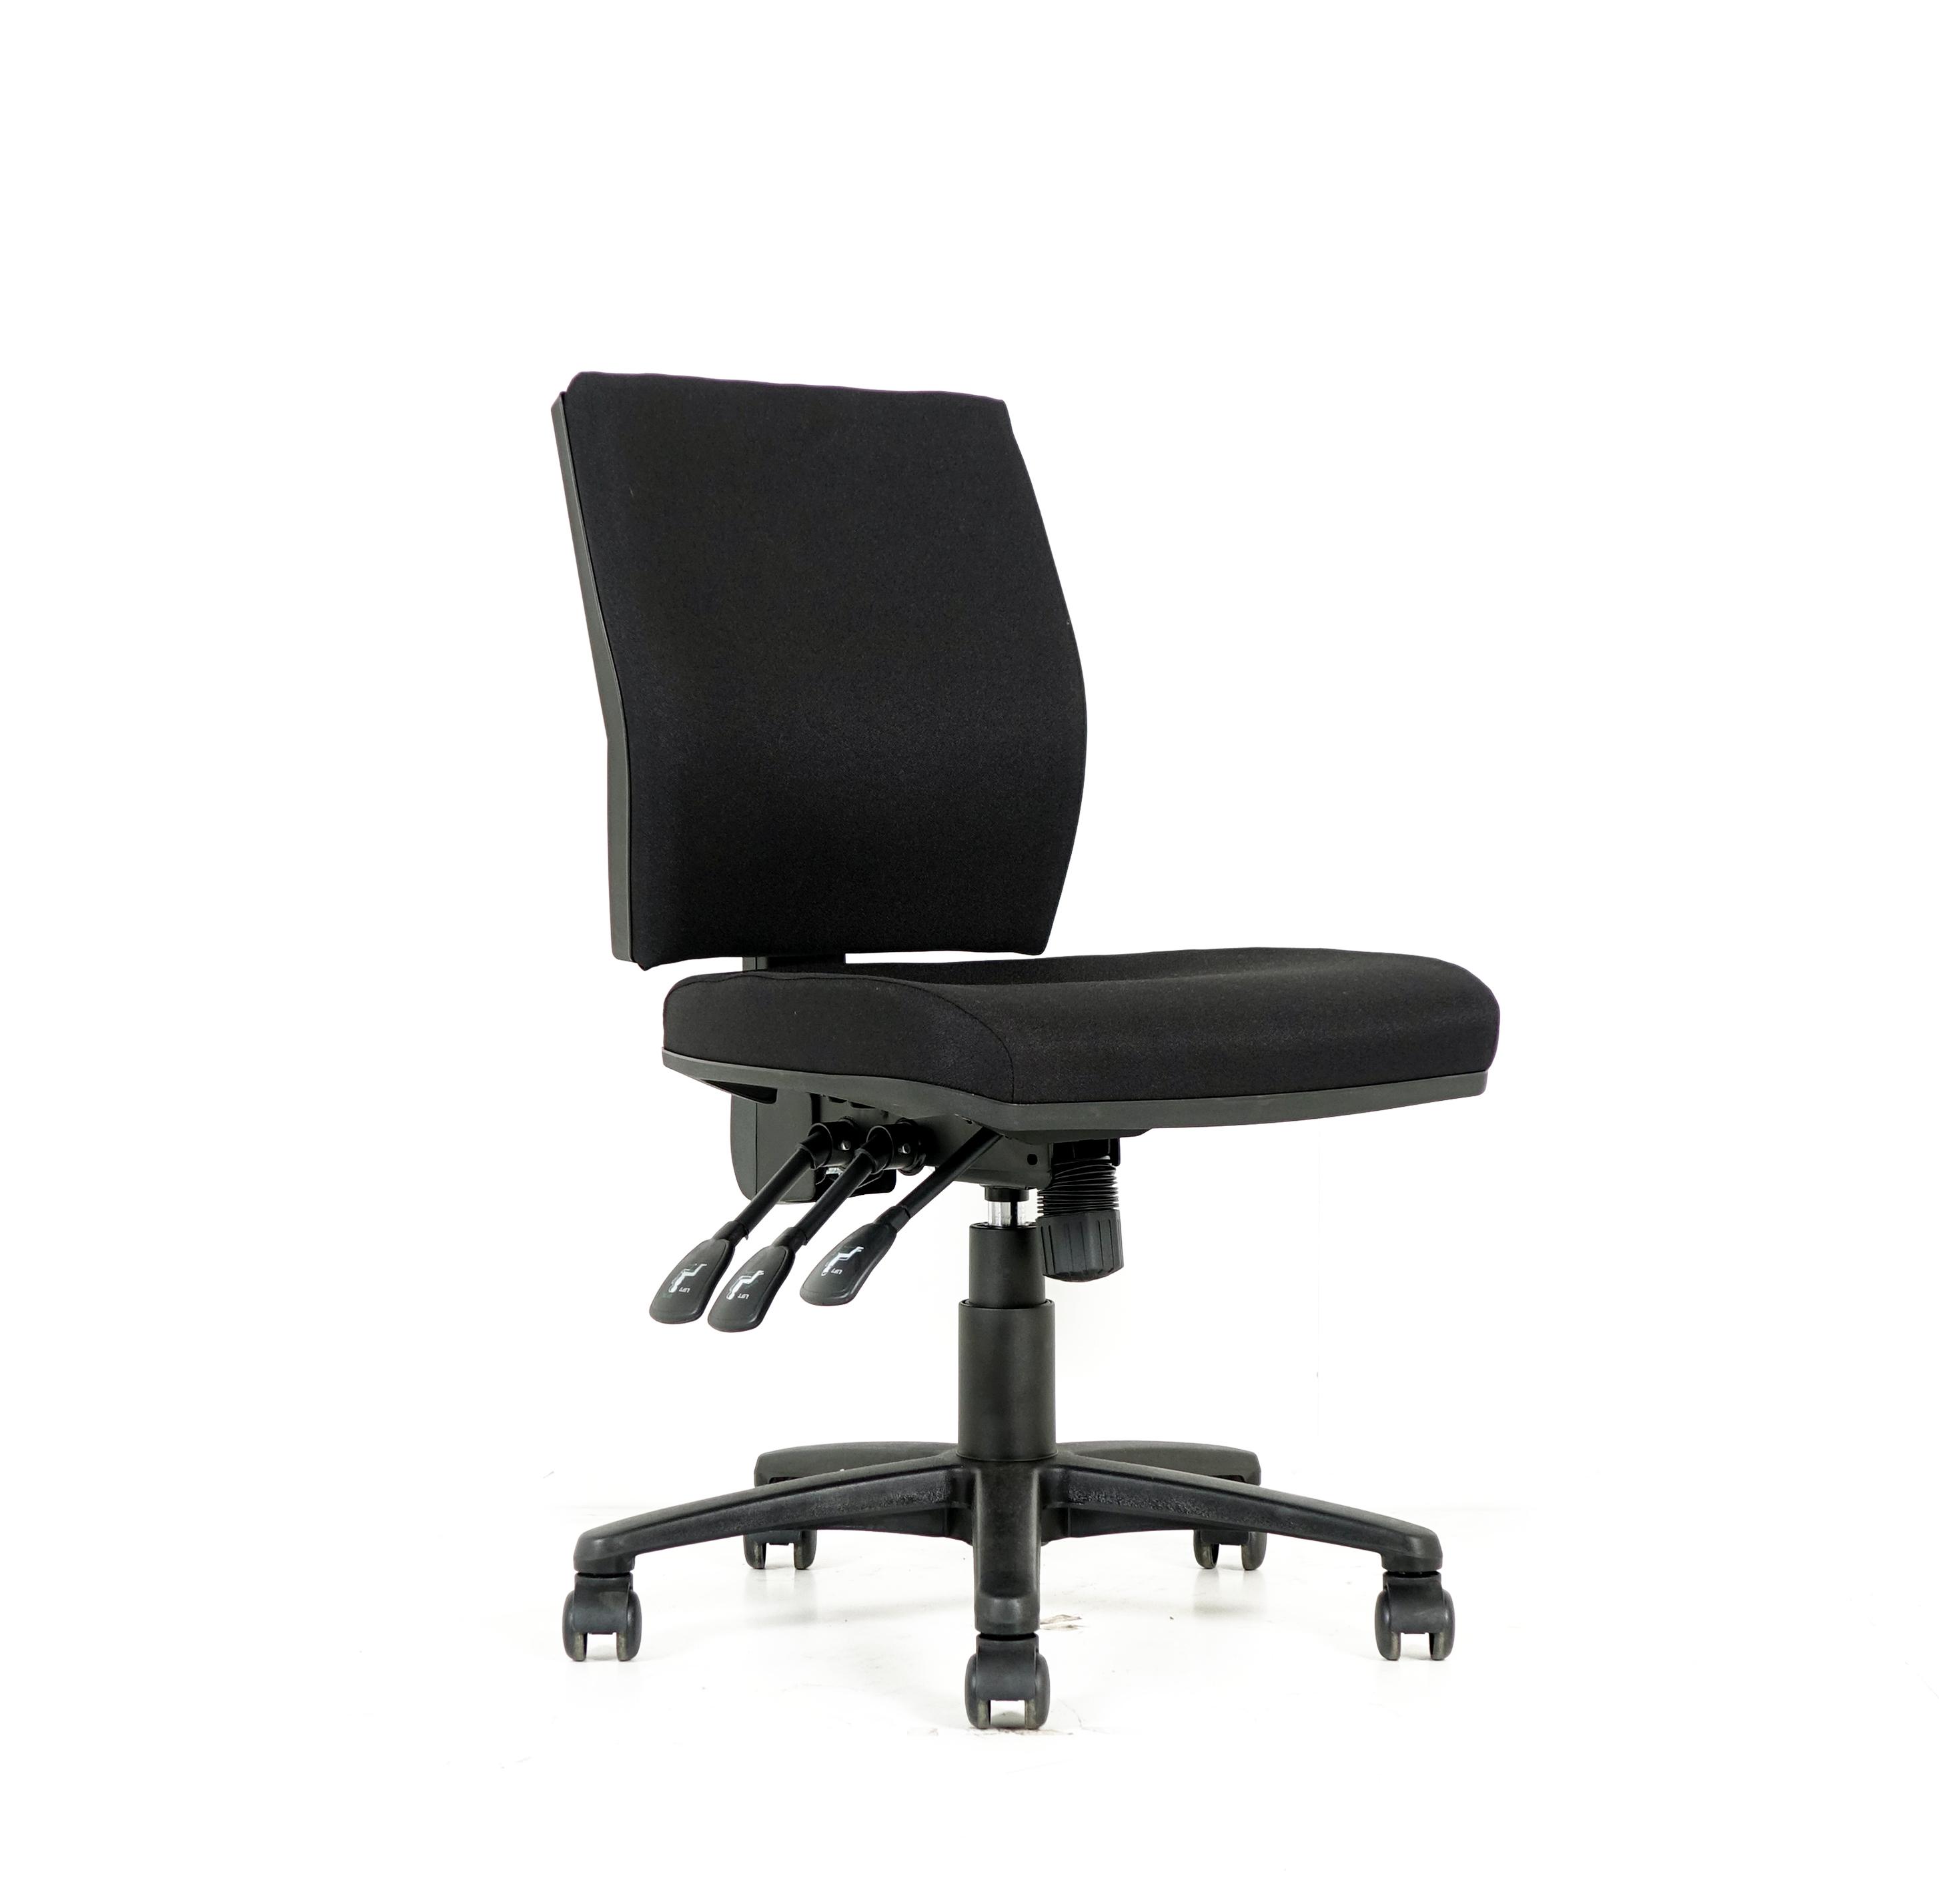 H80S Medium Back Typist Chair